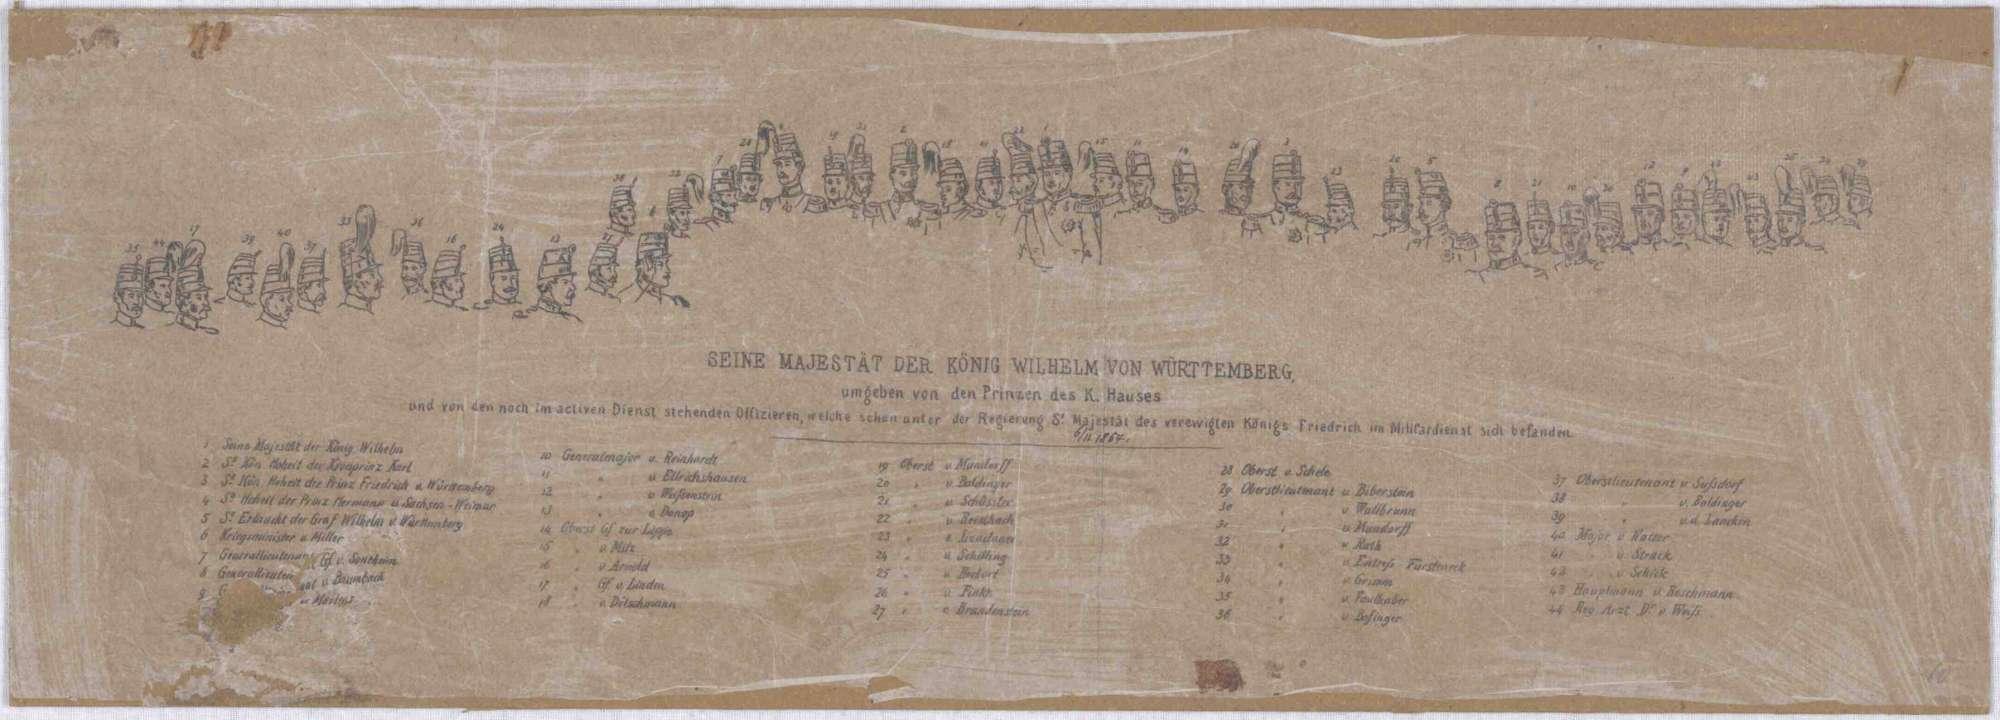 König Wilhelm I. von Württemberg mit Prinzen und Offizieren in Uniform zu Pferden bei Ausritt vor Stadtansicht Cannstatt anlässlich Gedächtnisfeier 100-jährigem Geburtstag König Friedrich I., 6. November1854, 1v